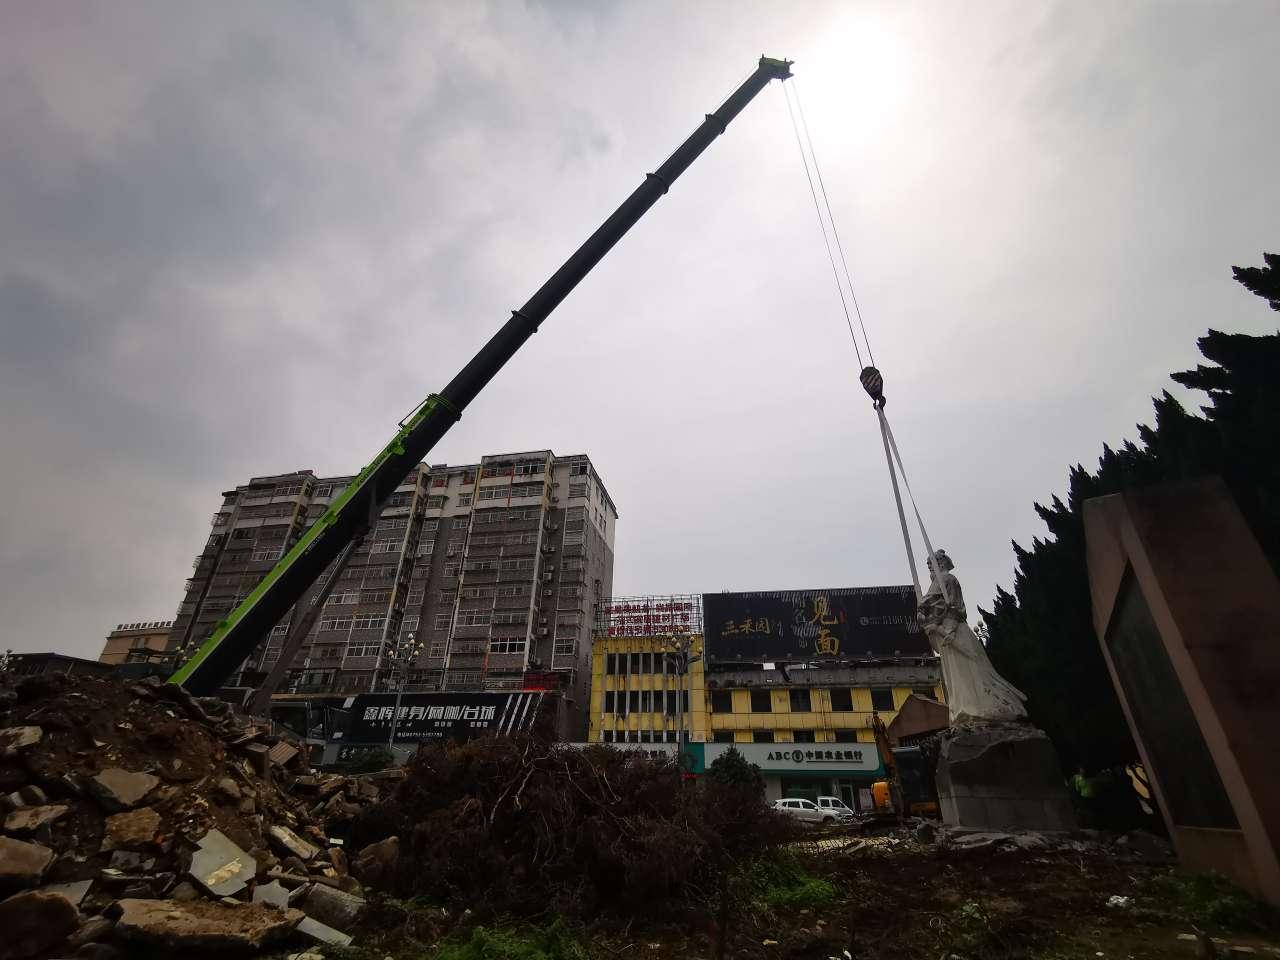 【分享红包】辛弃疾广场雕像被拆了!快来向他告别吧!